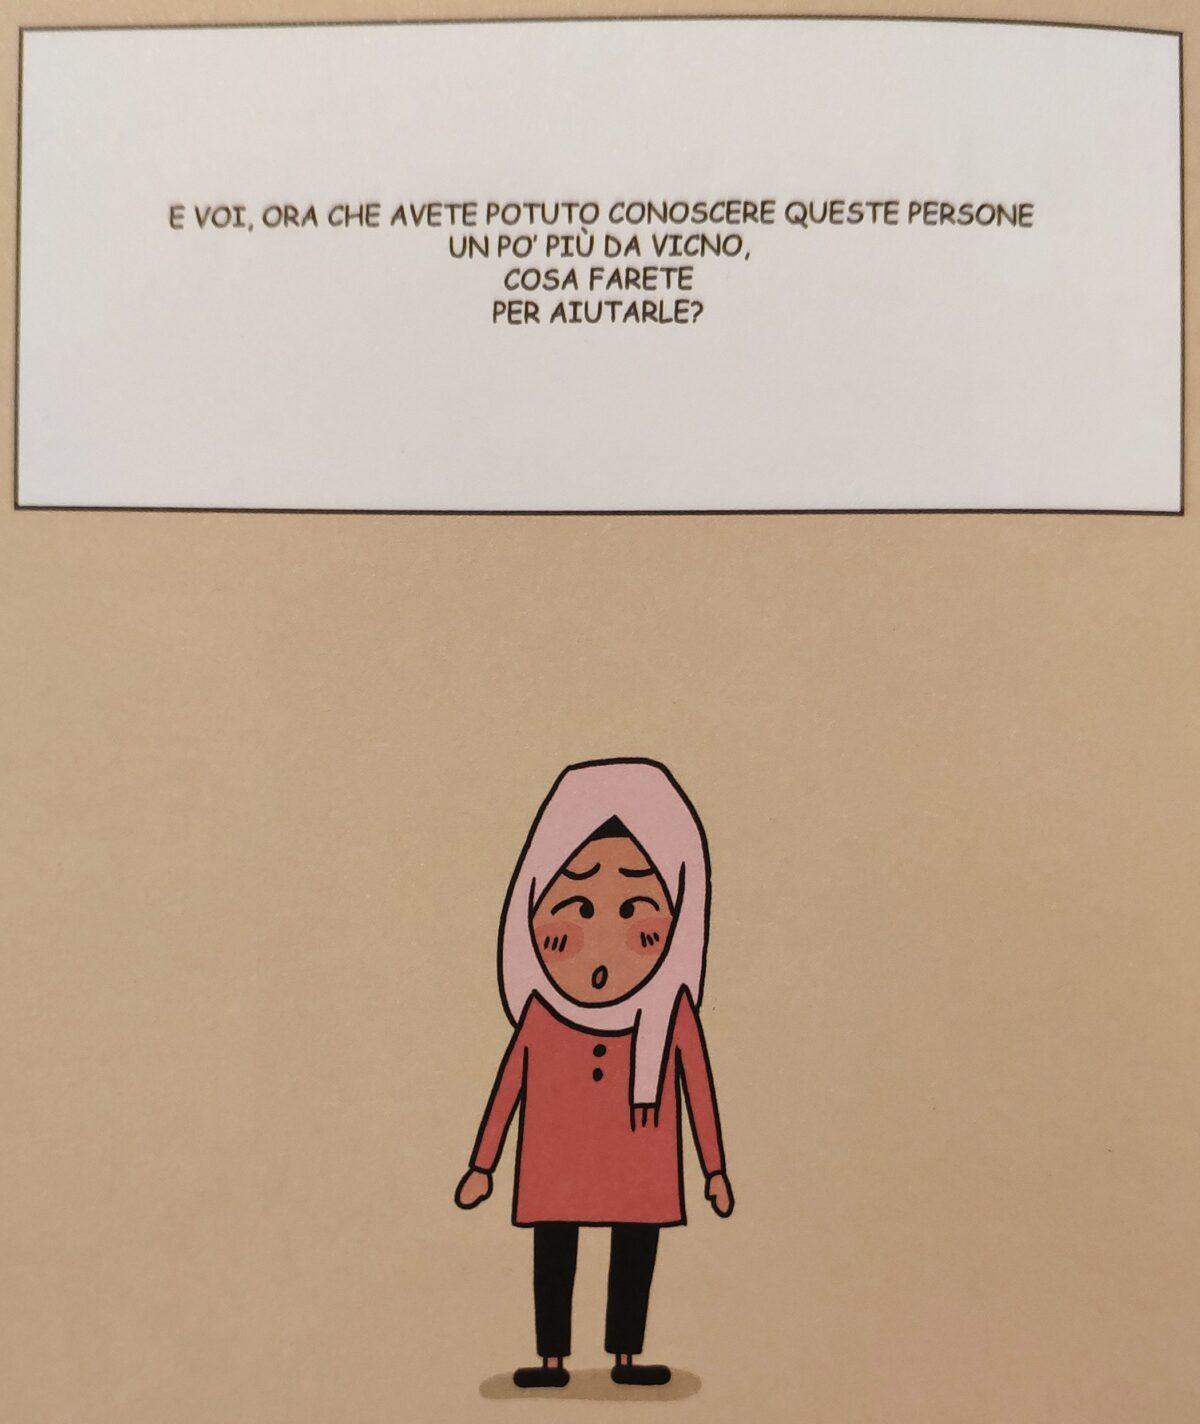 Mio caro fumetto… - Domanda finale di Un'altra via per la Cambogia